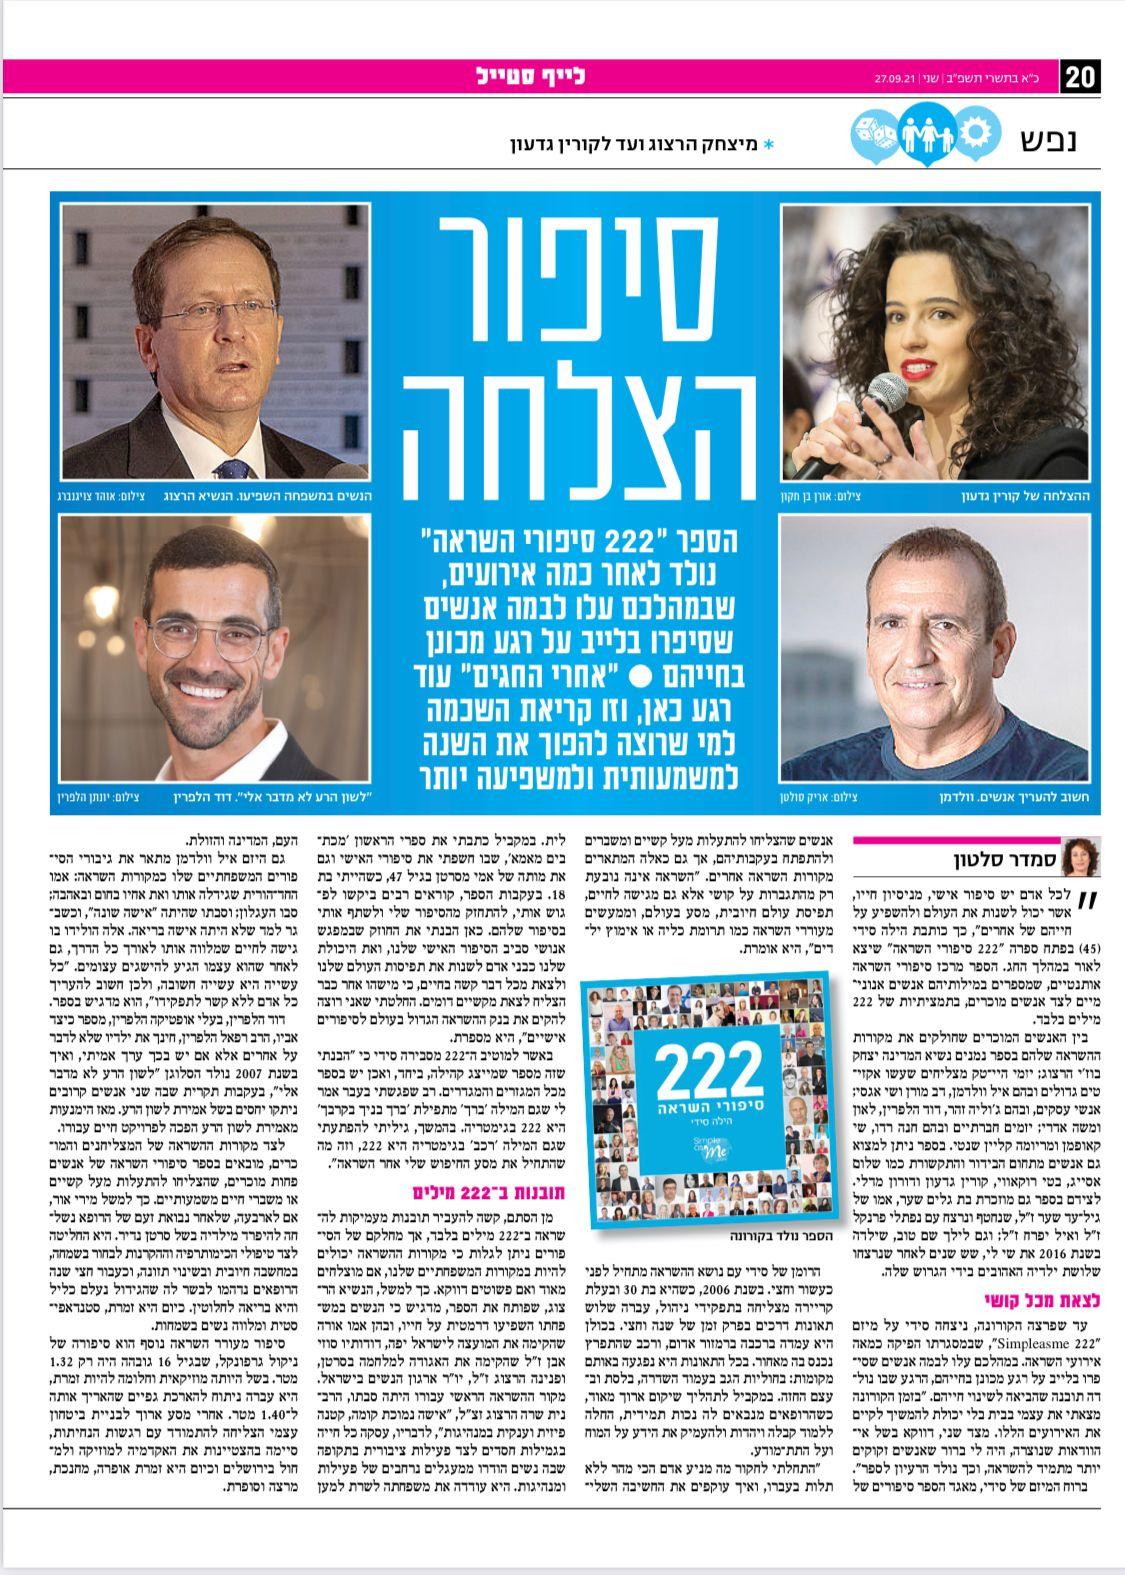 כתבה ישראל היום- 27.9.21